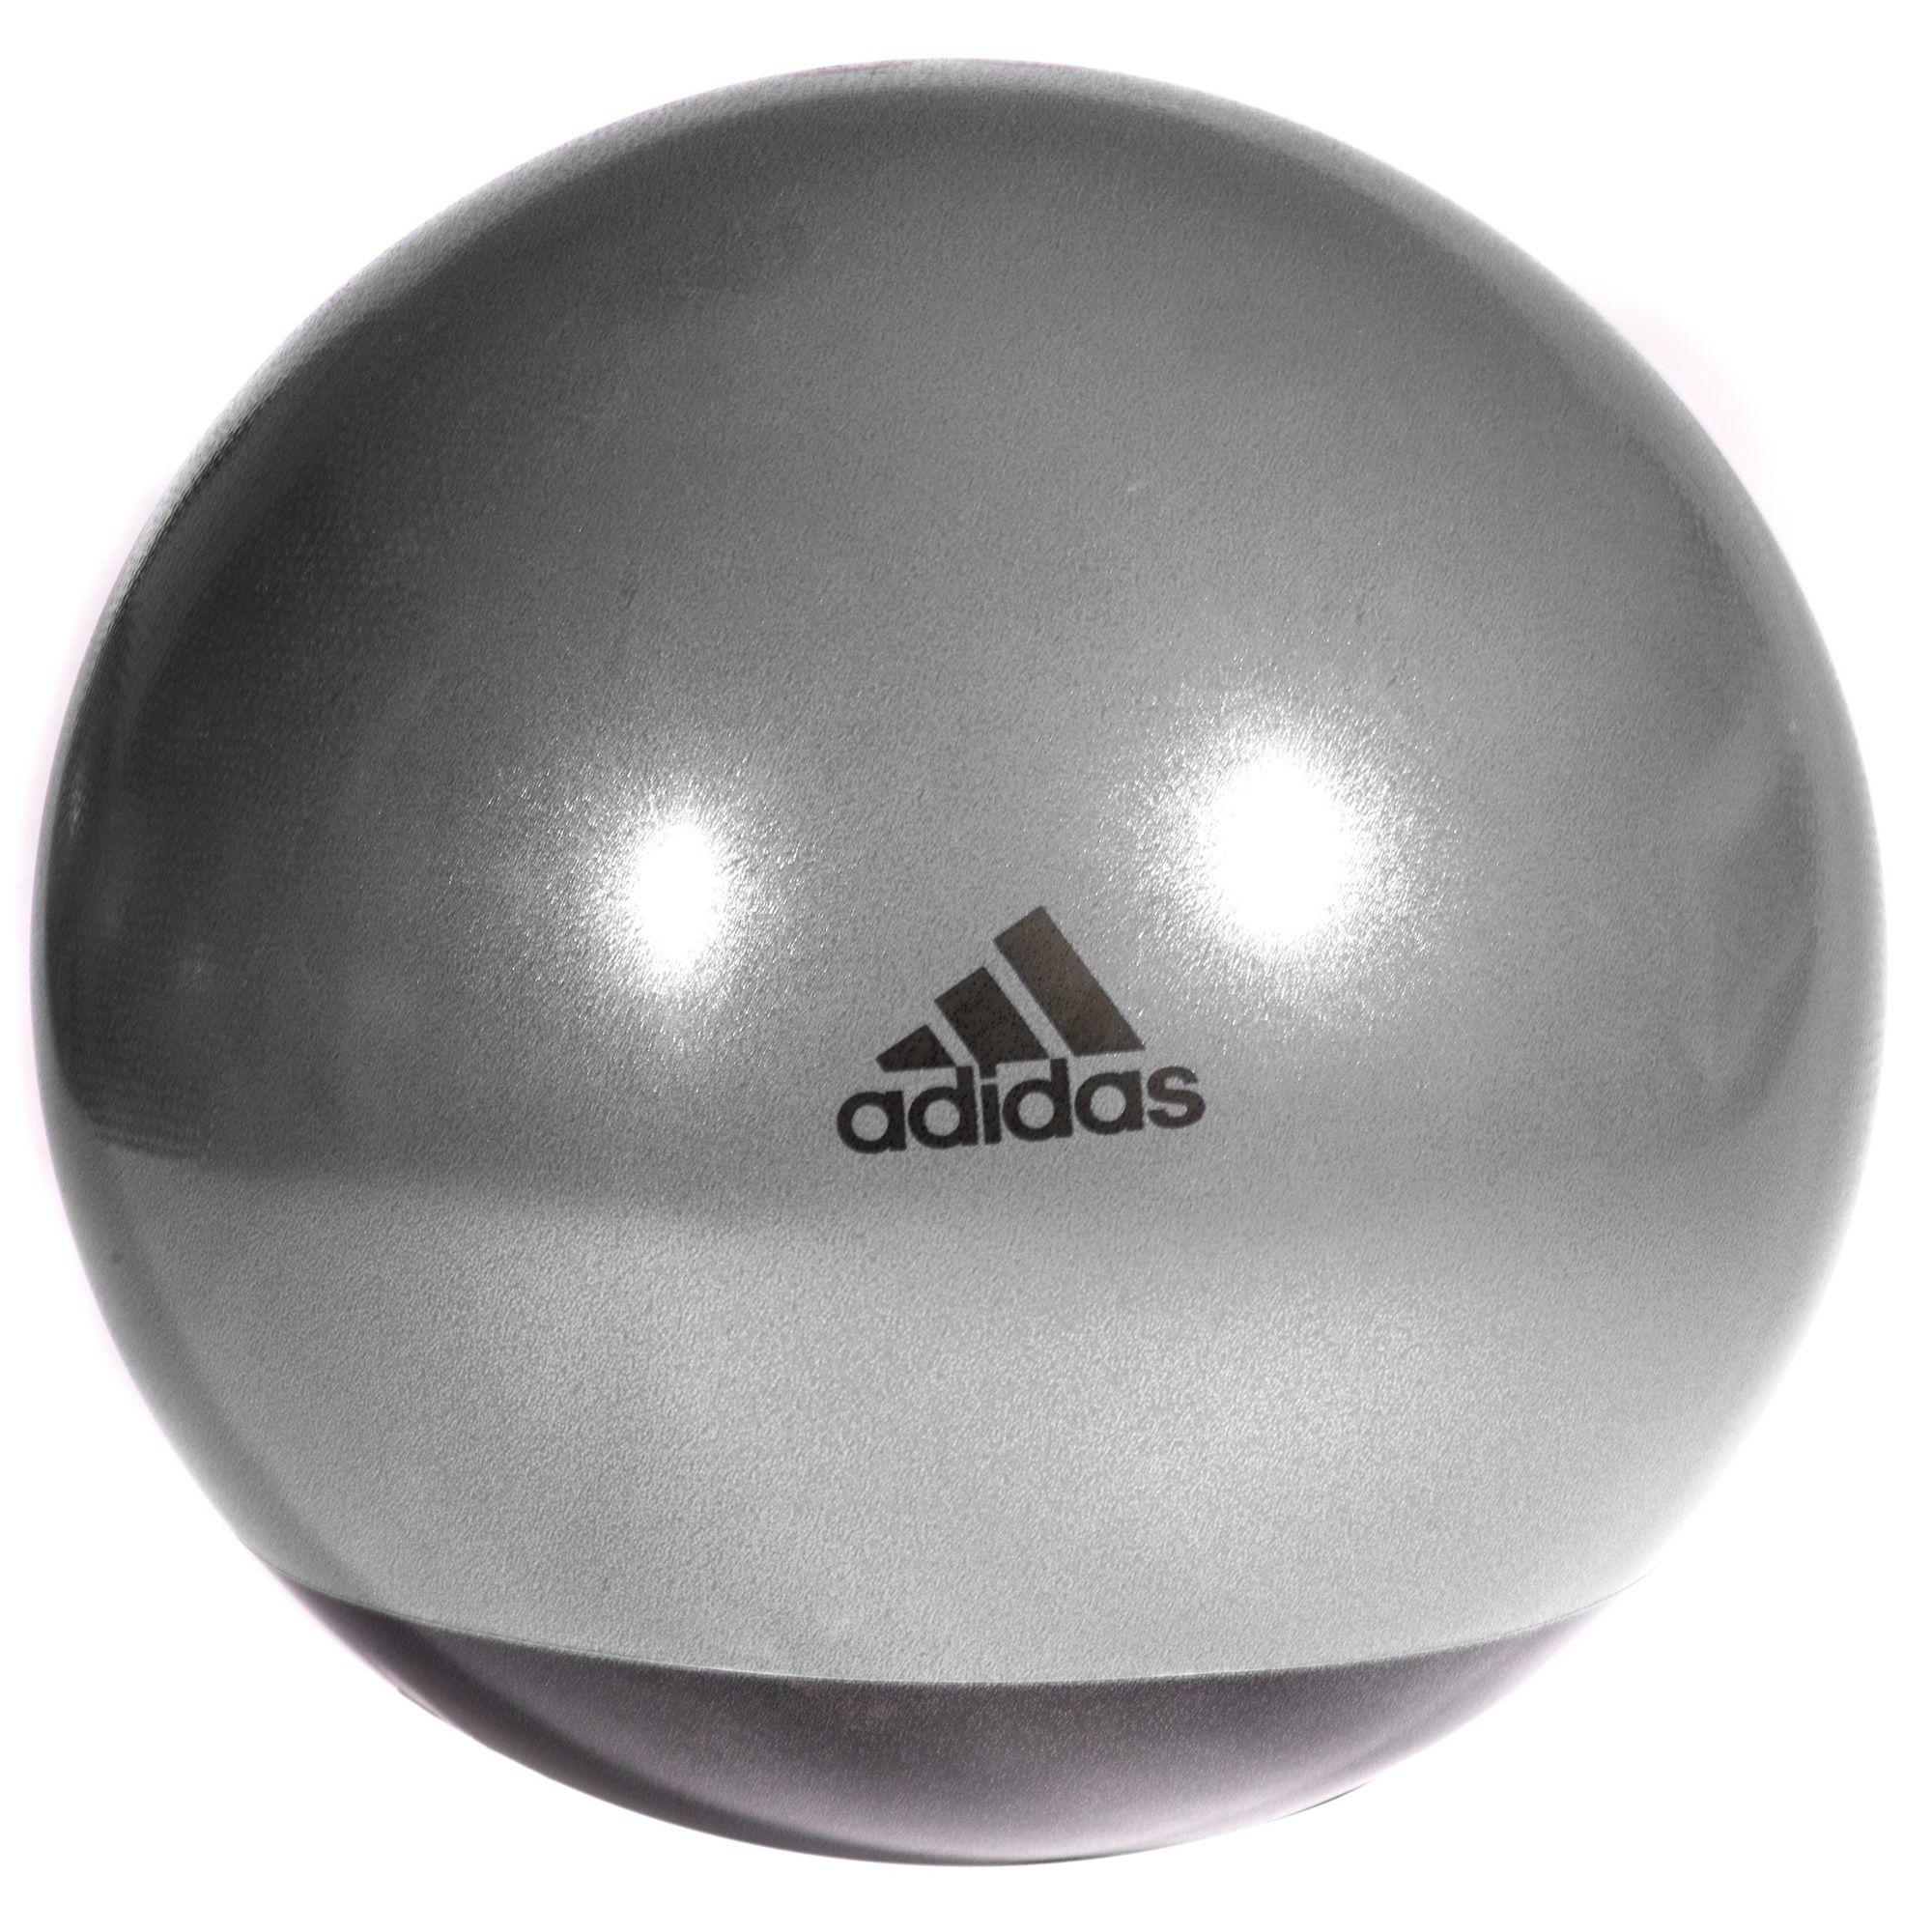 Adidas 65cm Premium Gym Ball Sweatband Com